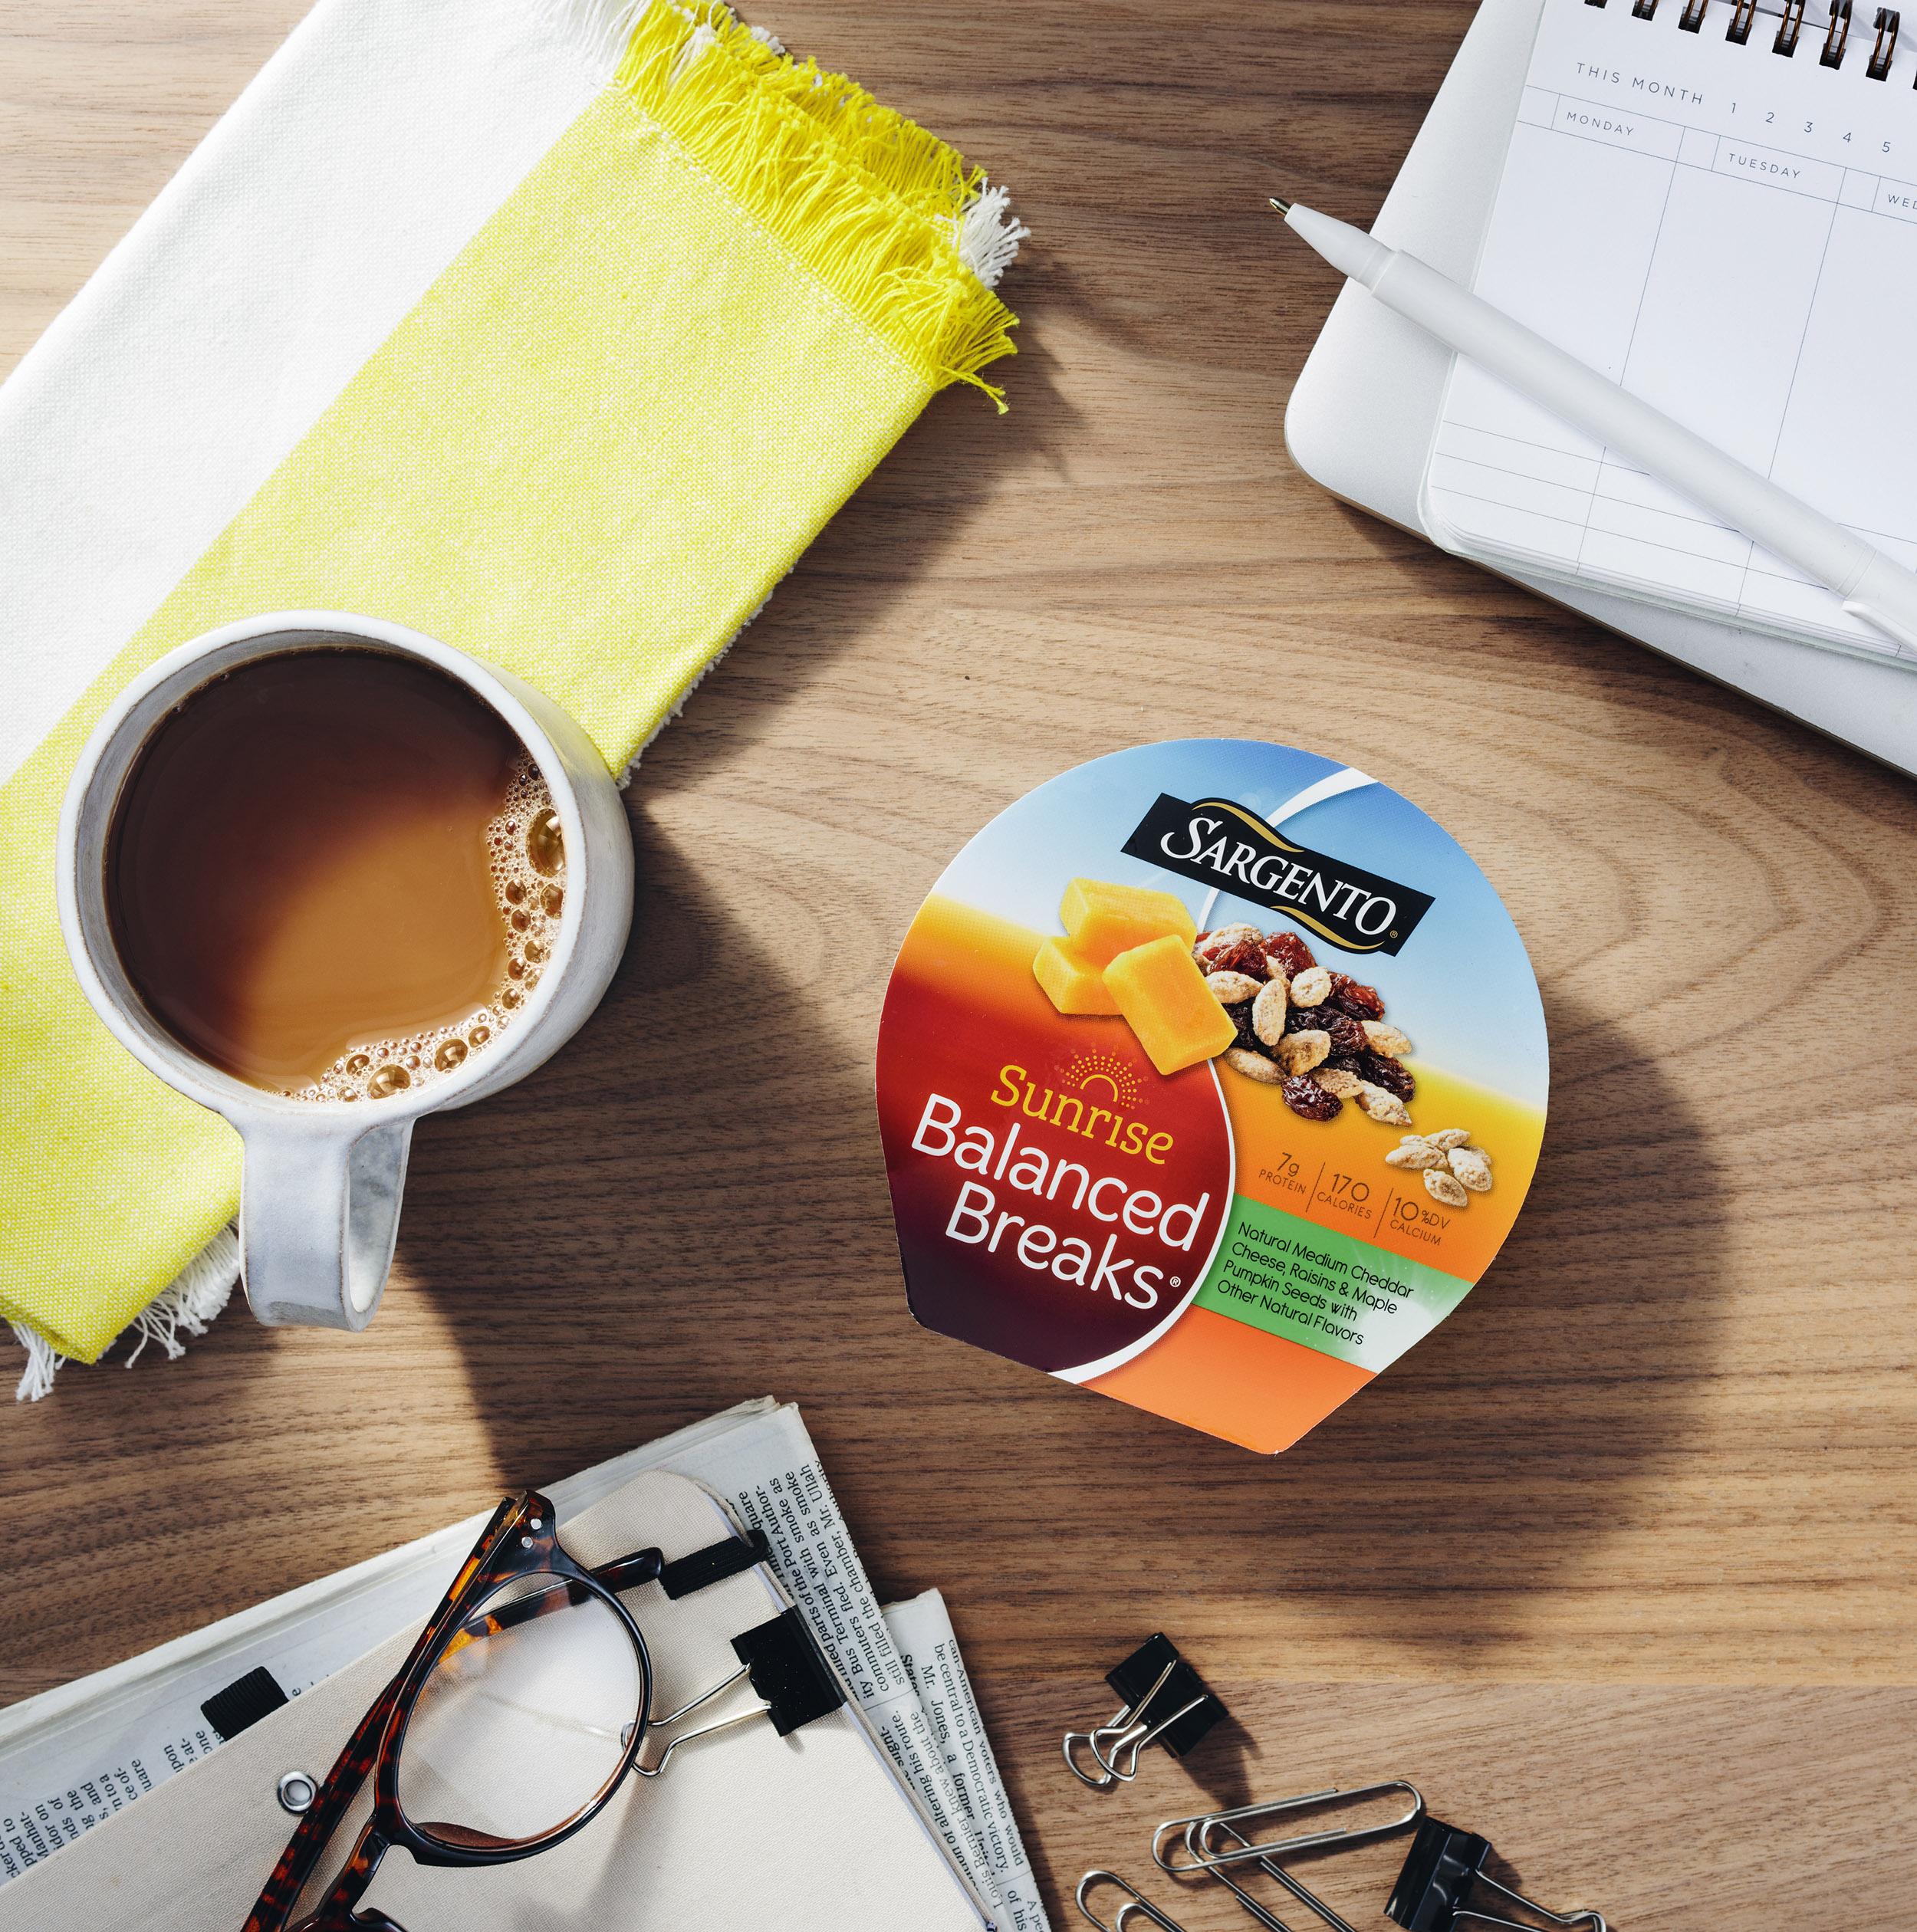 6_SGF.SGFGEN.18020.K.011_Sunrise Balanced Breaks_Office_5082_V1_final copy.jpg